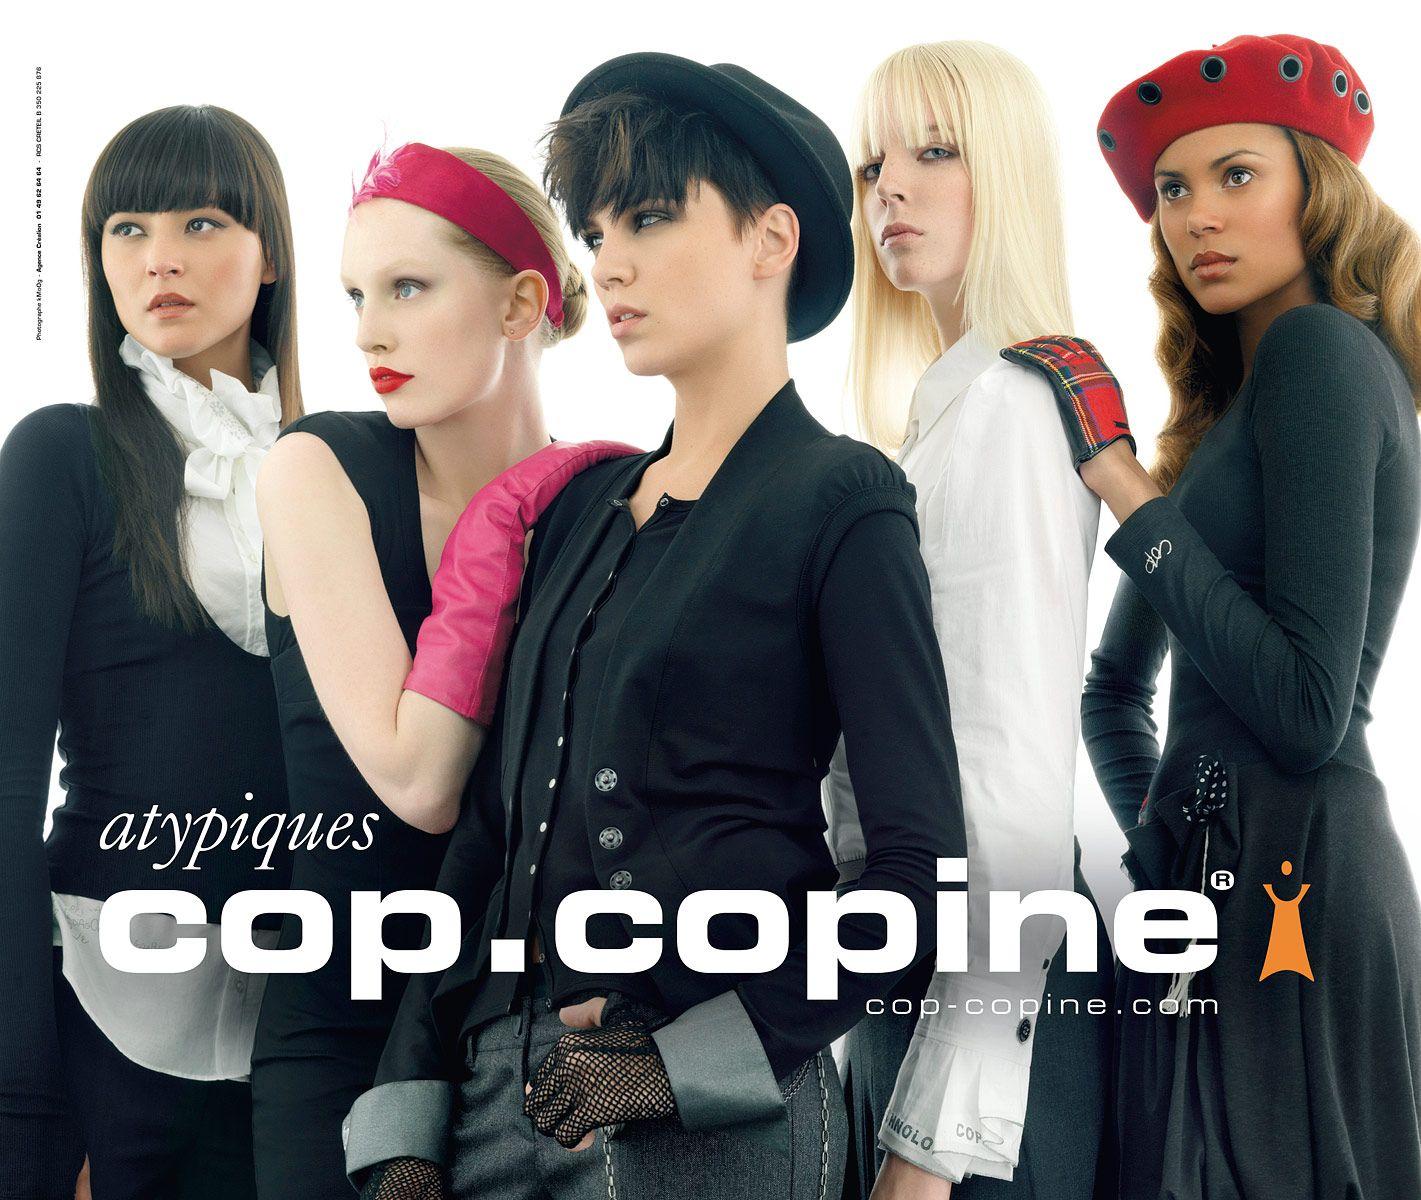 Одежда Cop. Copine